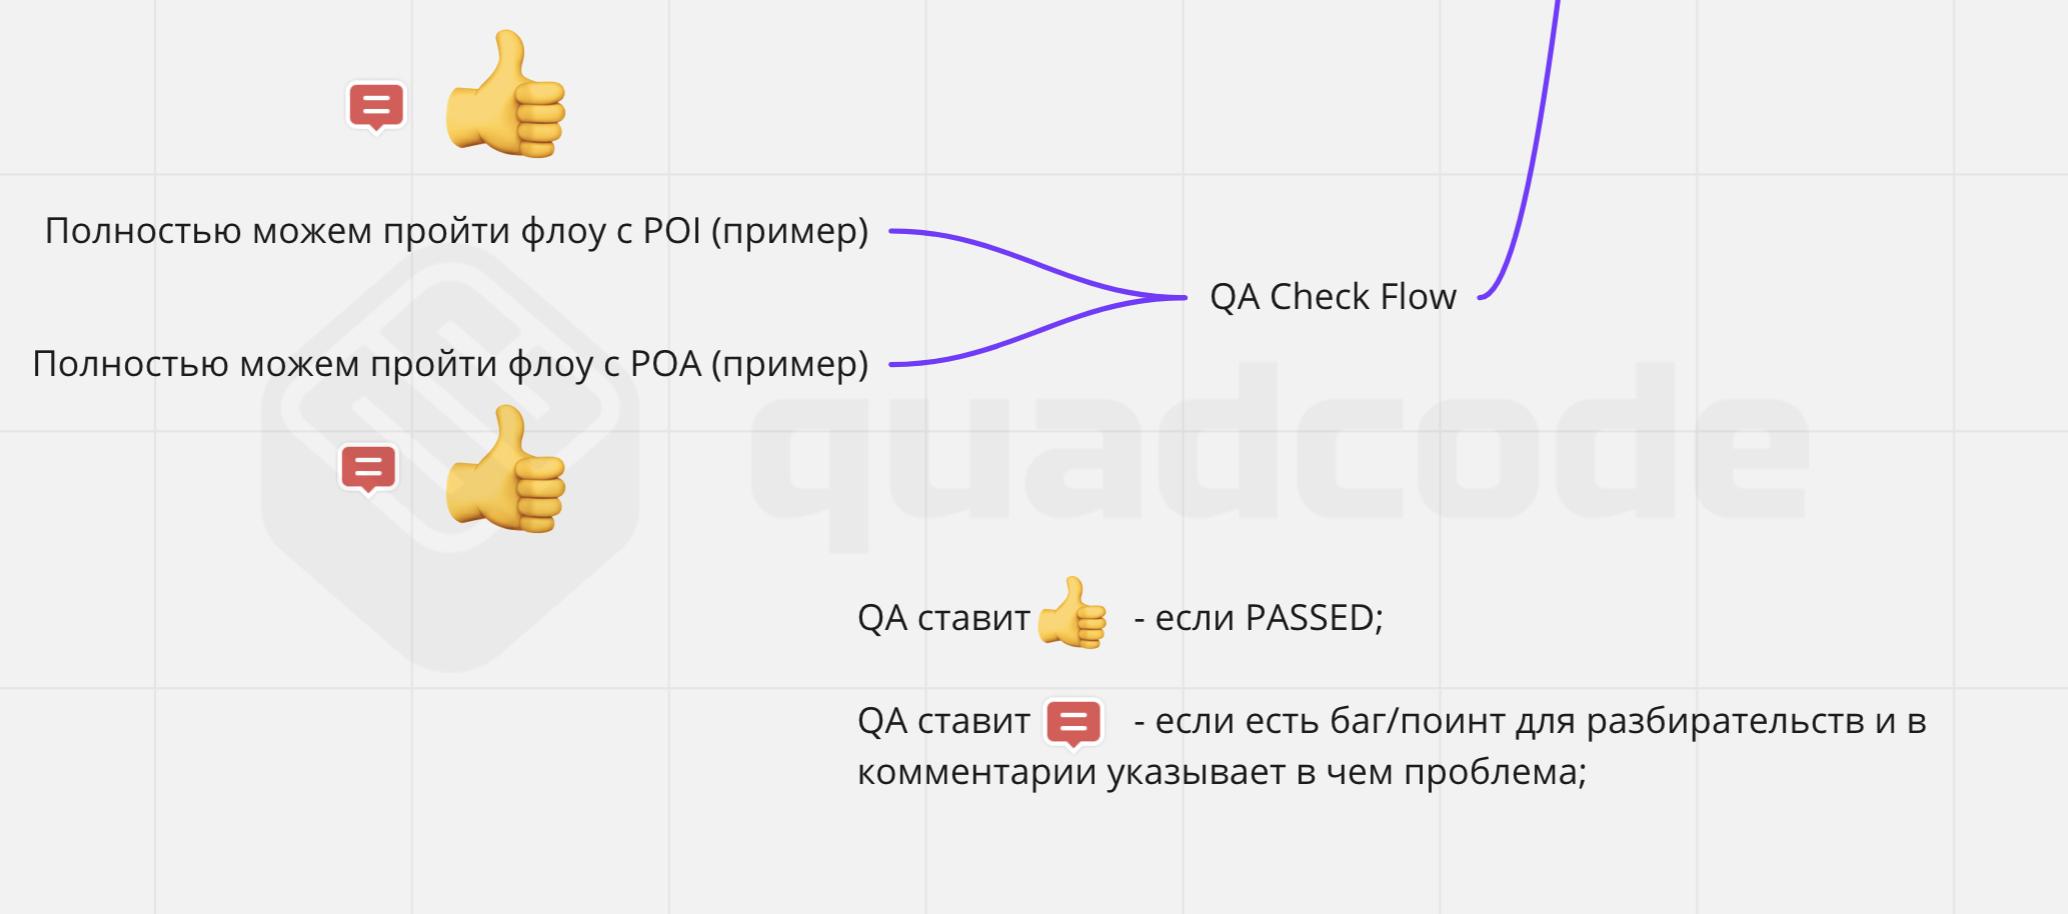 """Категория QA Check Flow. Пример """"легенды"""" для отслеживания успешности прохождения тестов."""